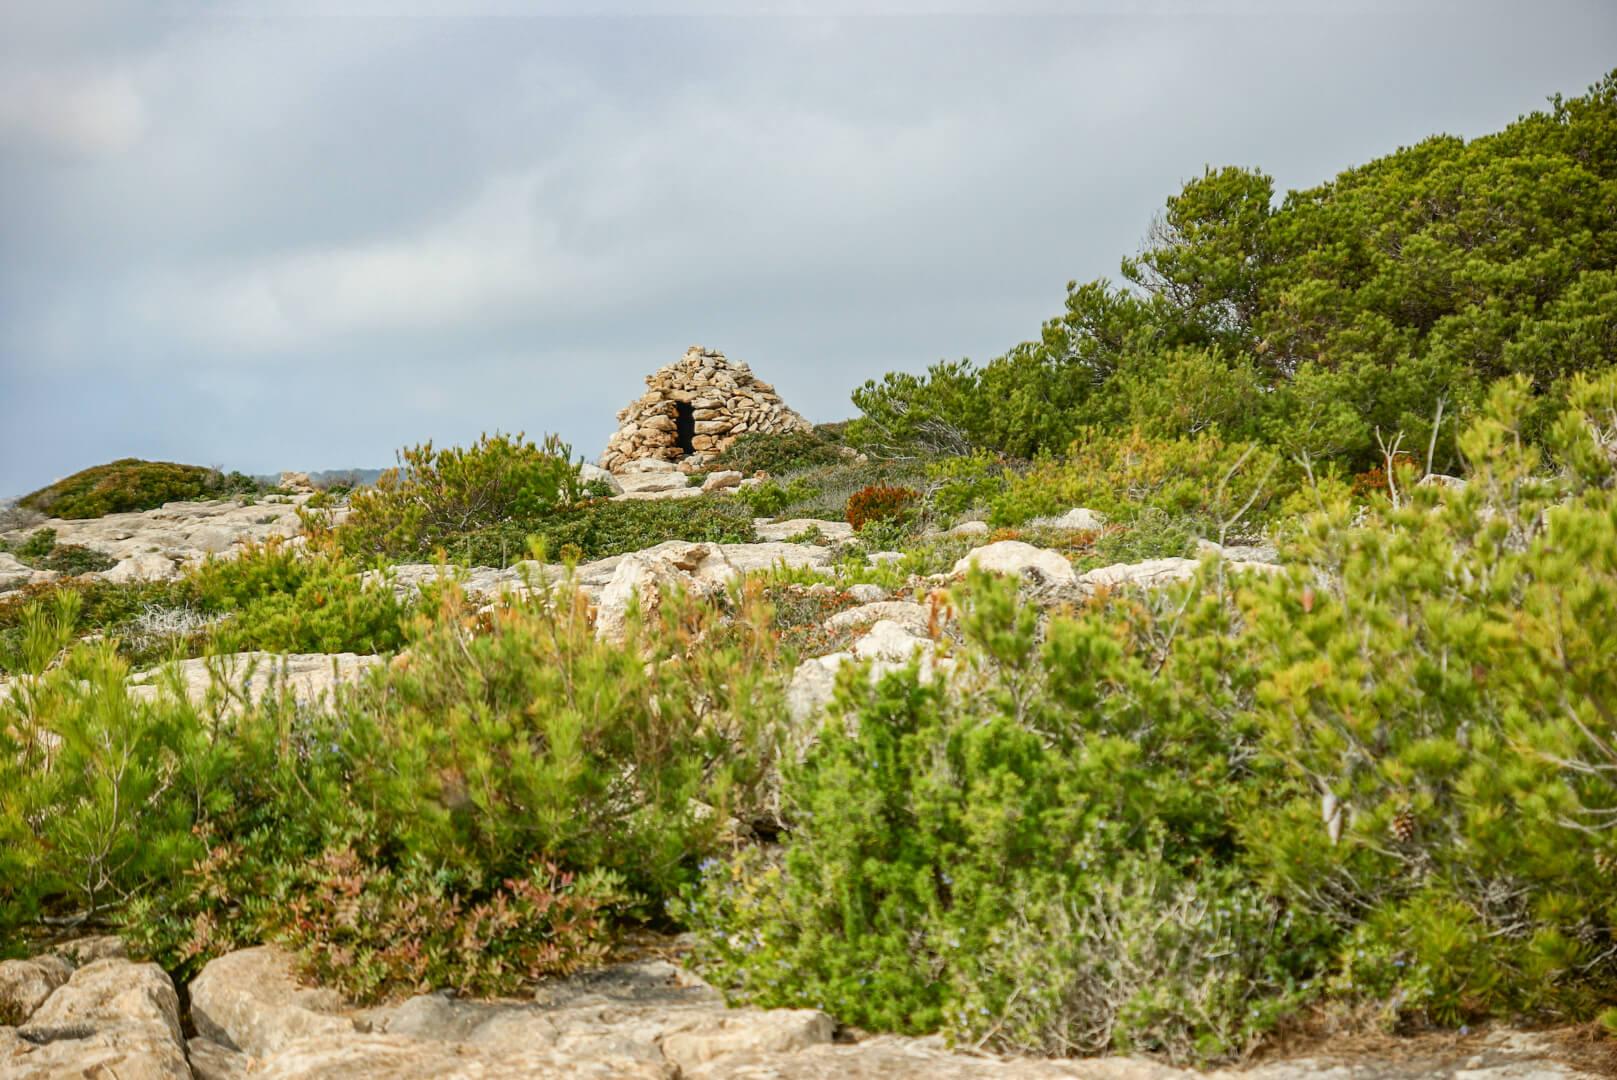 Steinhäuser säumen die Wanderung